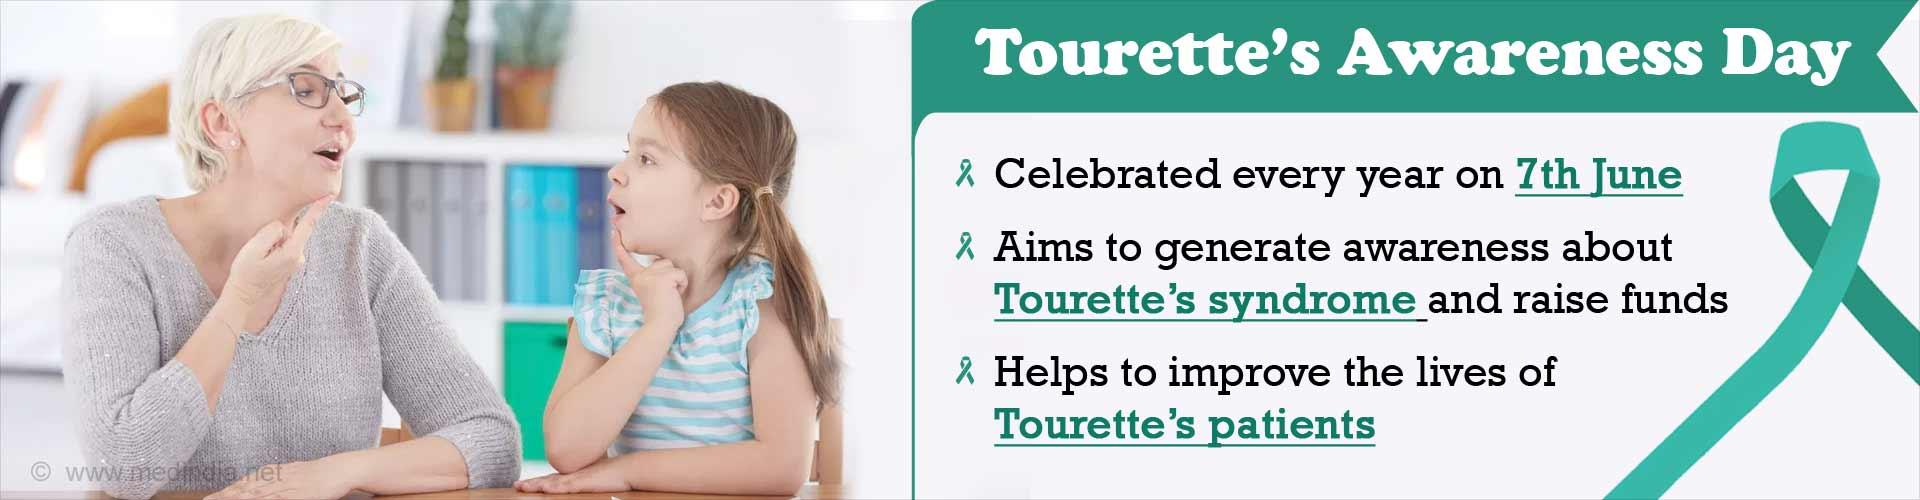 Tourette's Awareness Day: 'Let's Talk Tourette's'